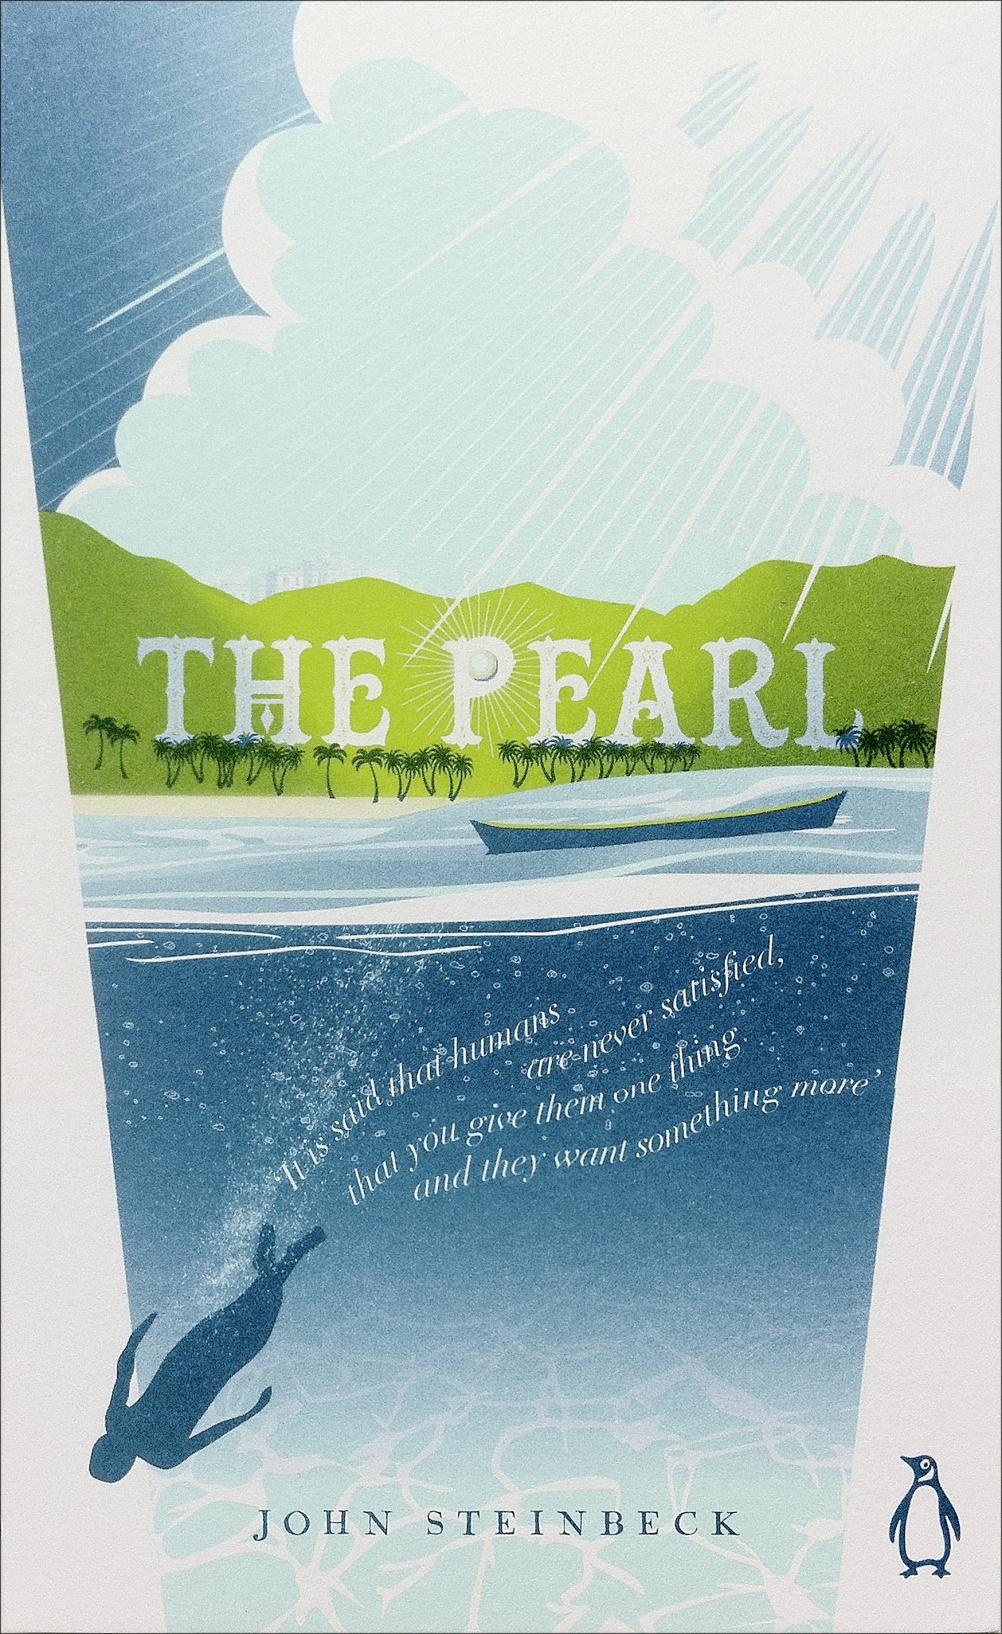 John Steinbeck, The Pearl